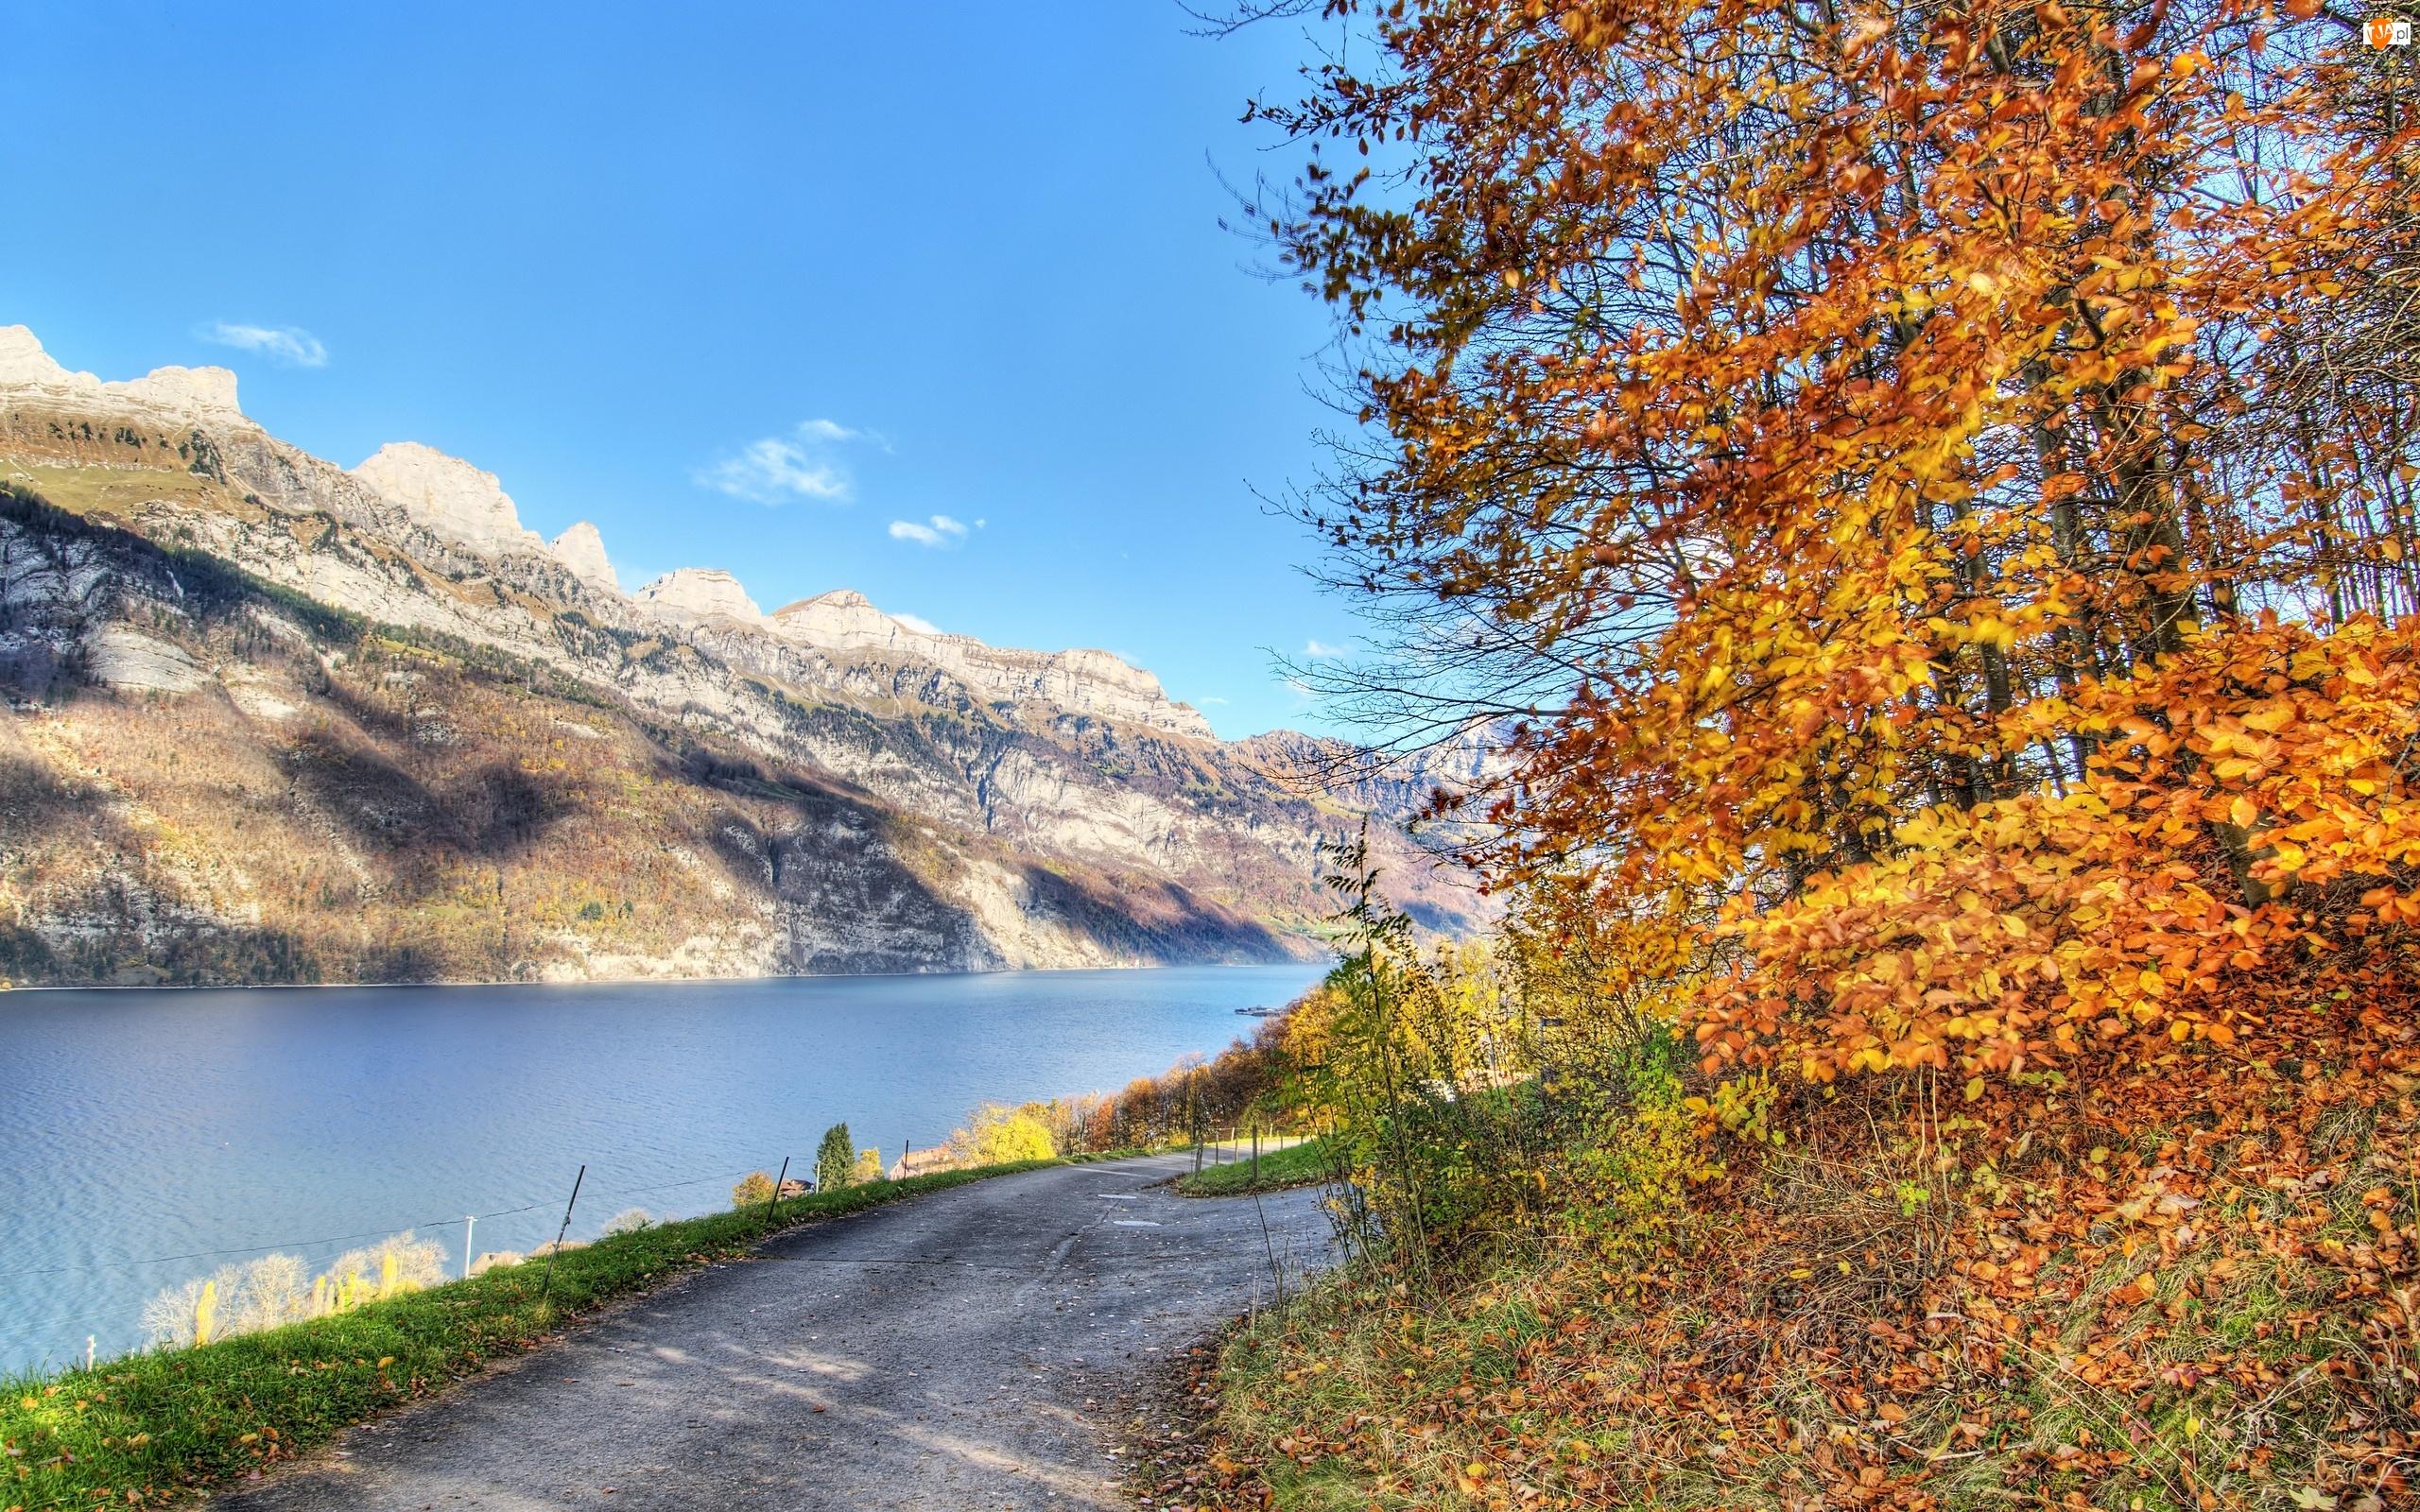 Liście, Góry, Droga, Rzeka, Jesienne